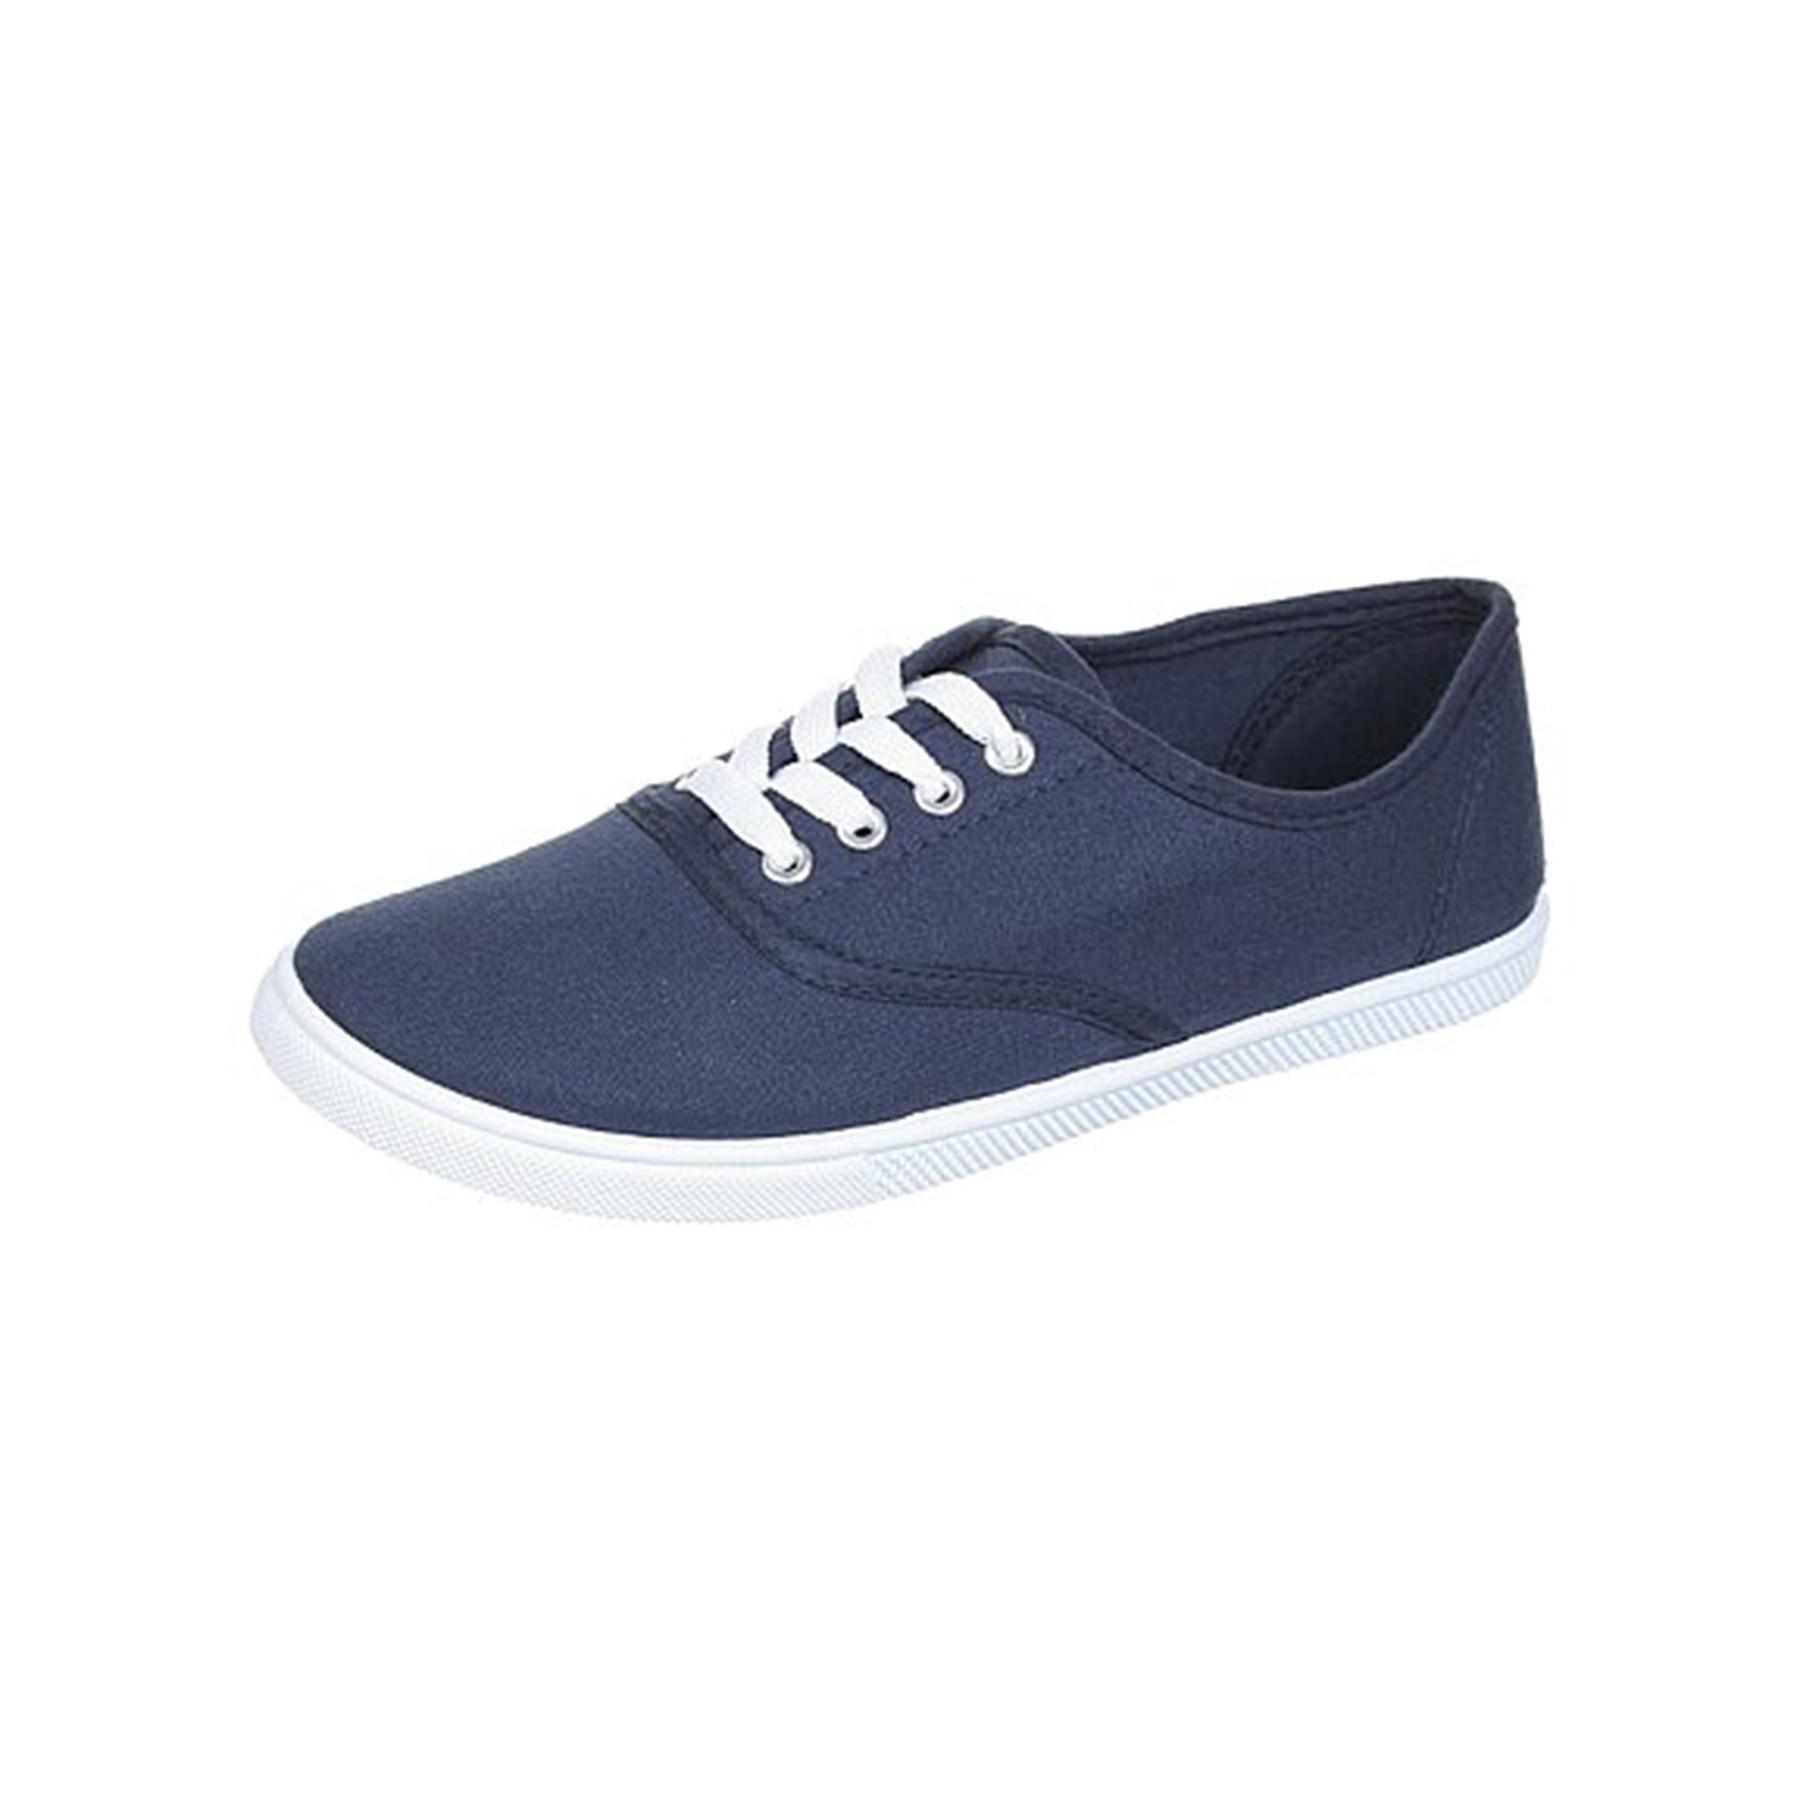 Обувь женская Trien LGC 9104 синий р. 39 АКЦИЯ!